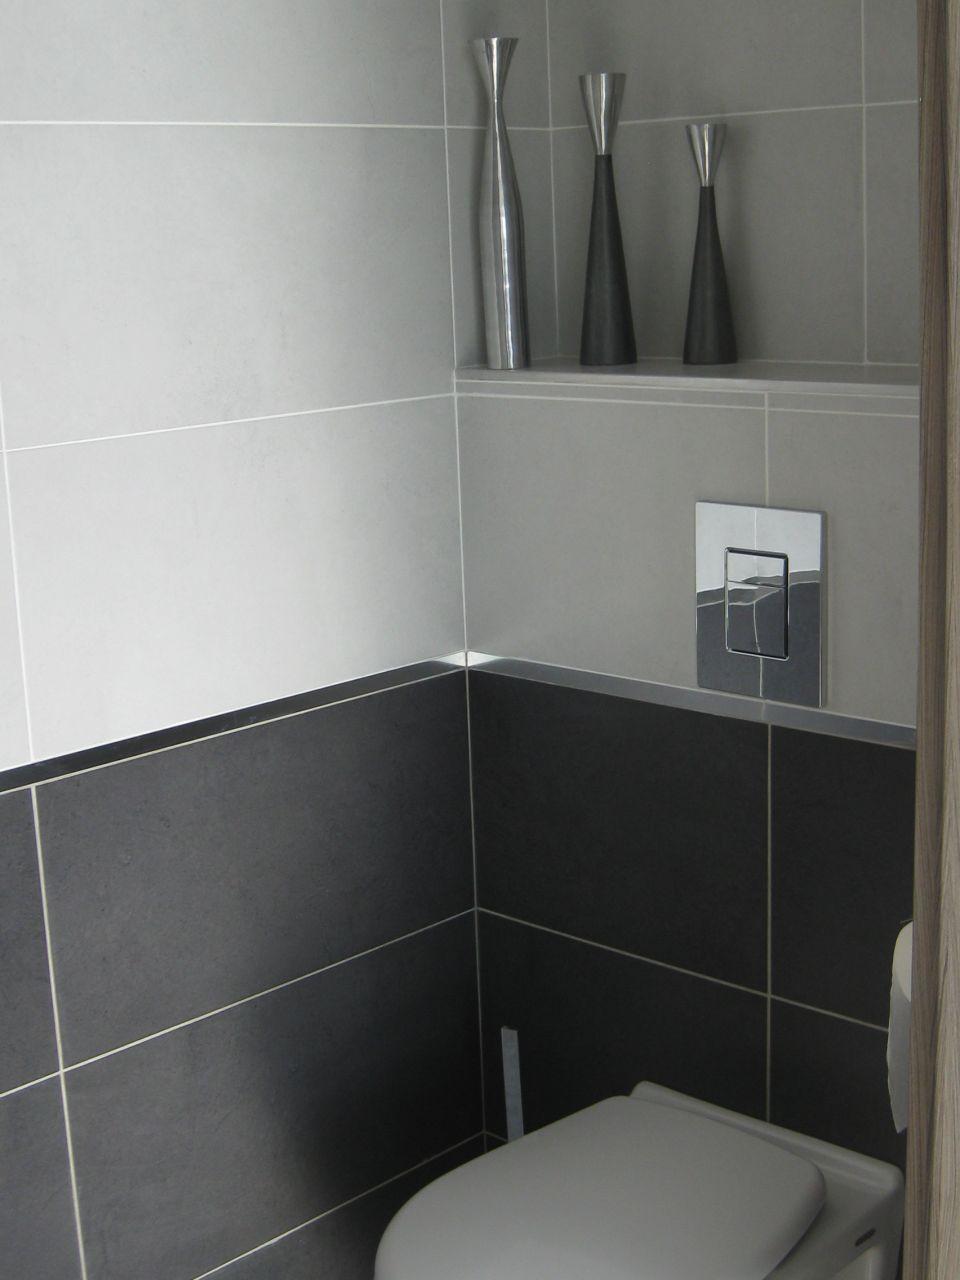 Photo wc invit s on a opt pour les wc et salle de bains - Faience salle de bain contemporaine ...